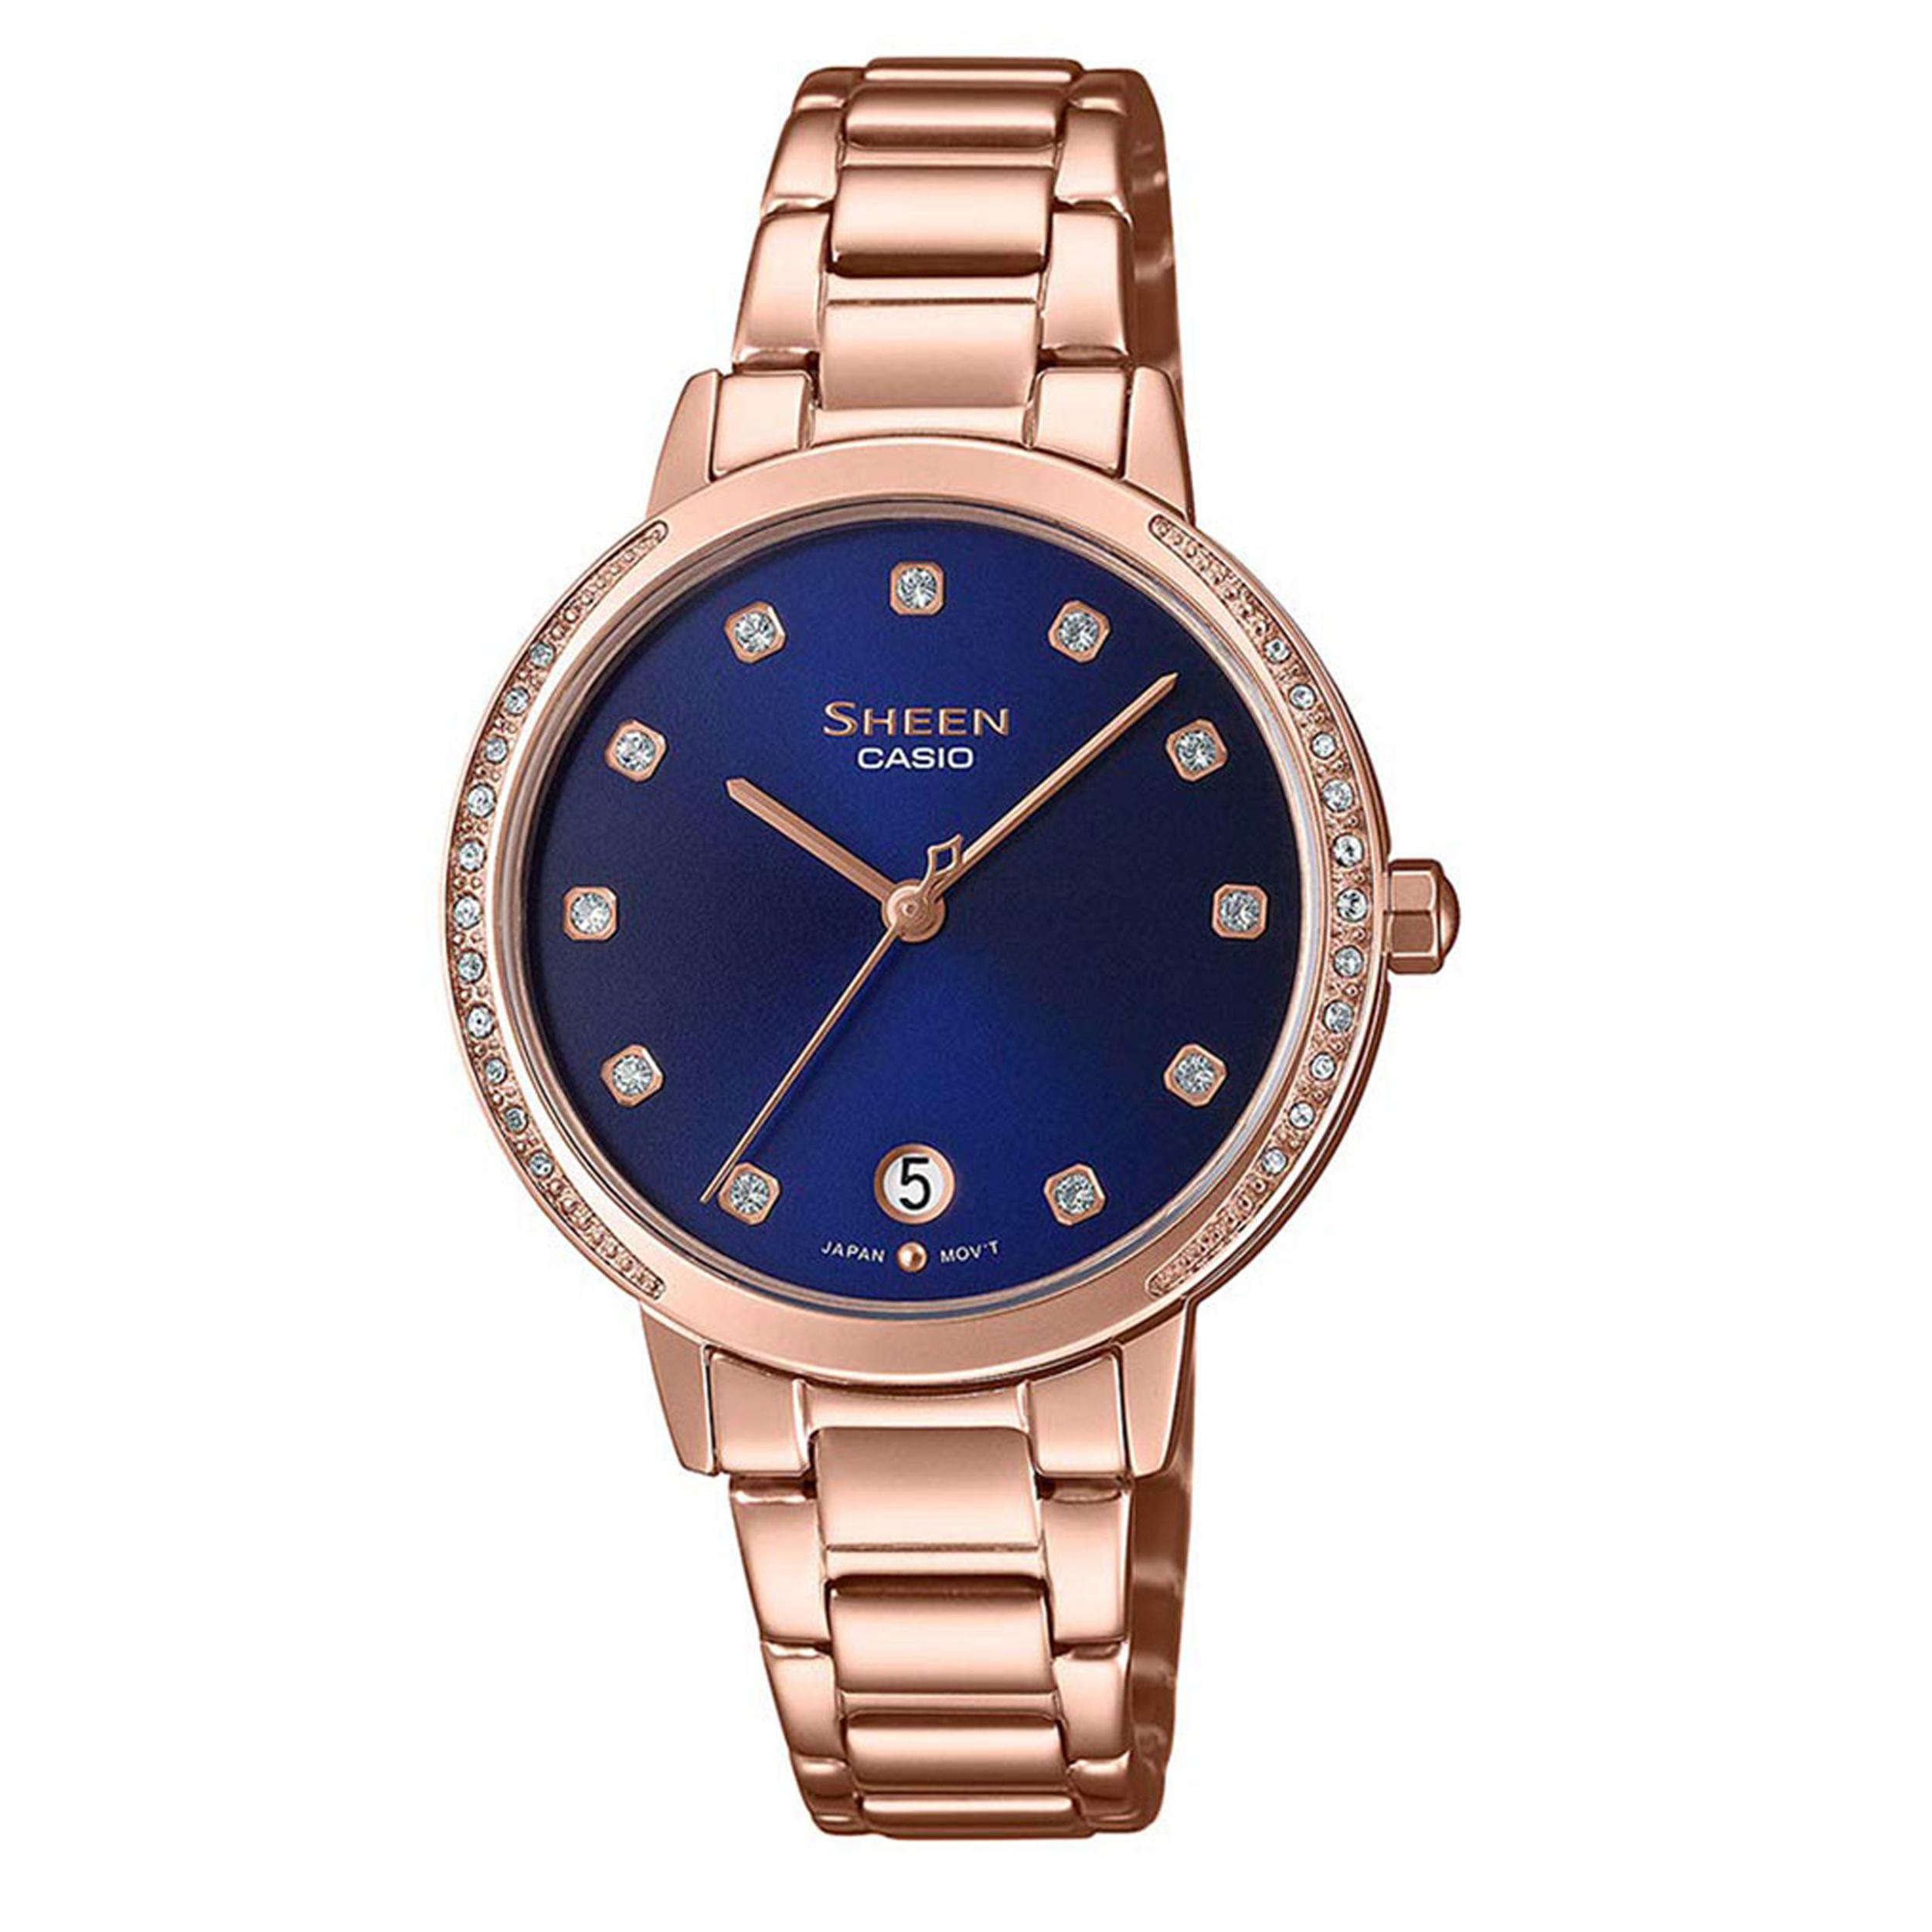 ساعت مچی عقربه ای زنانه کاسیو مدل SHE-4056PG-2AUDF              ارزان